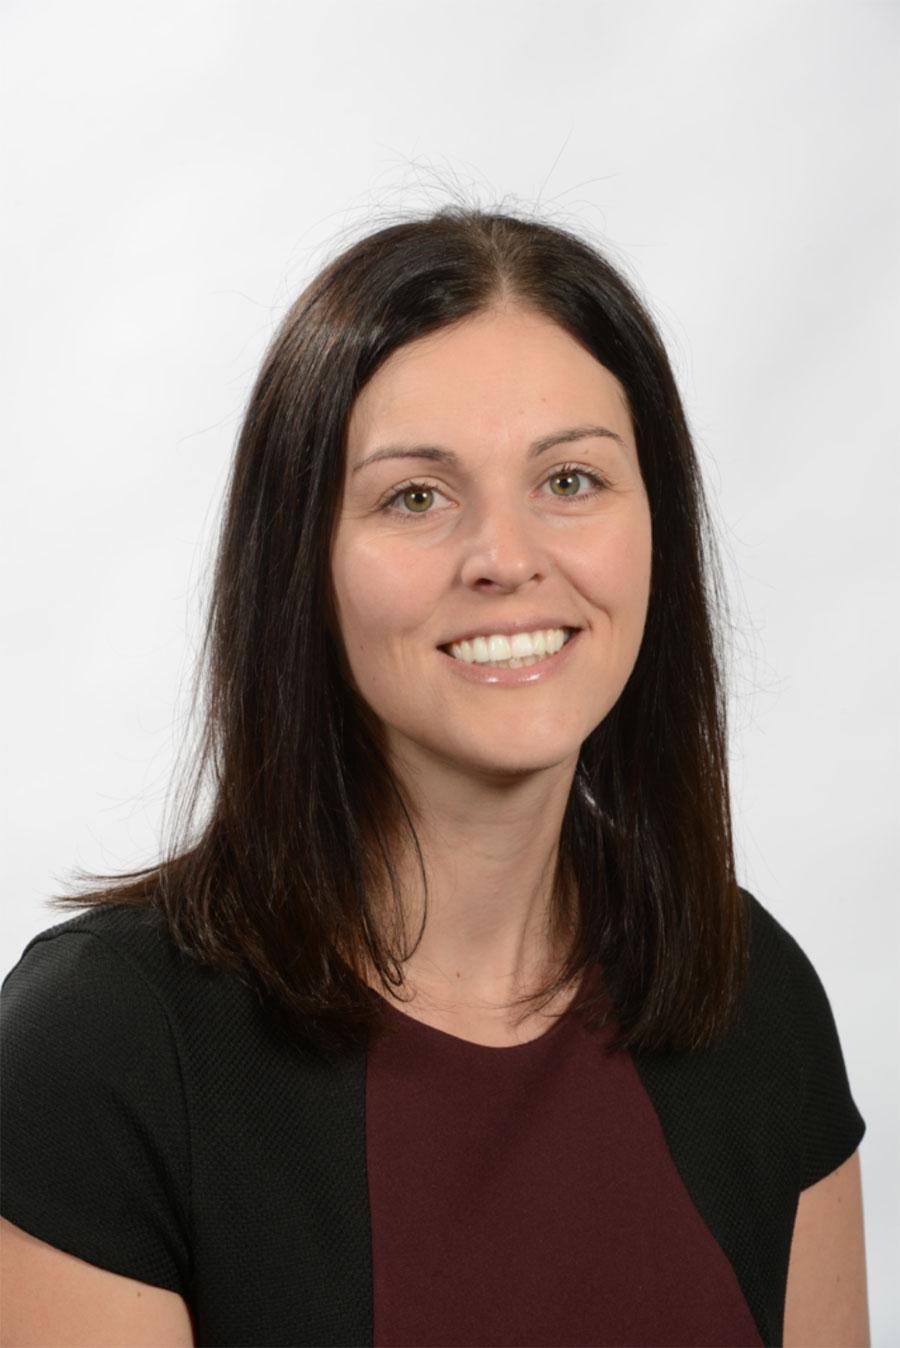 Kayleigh Picton